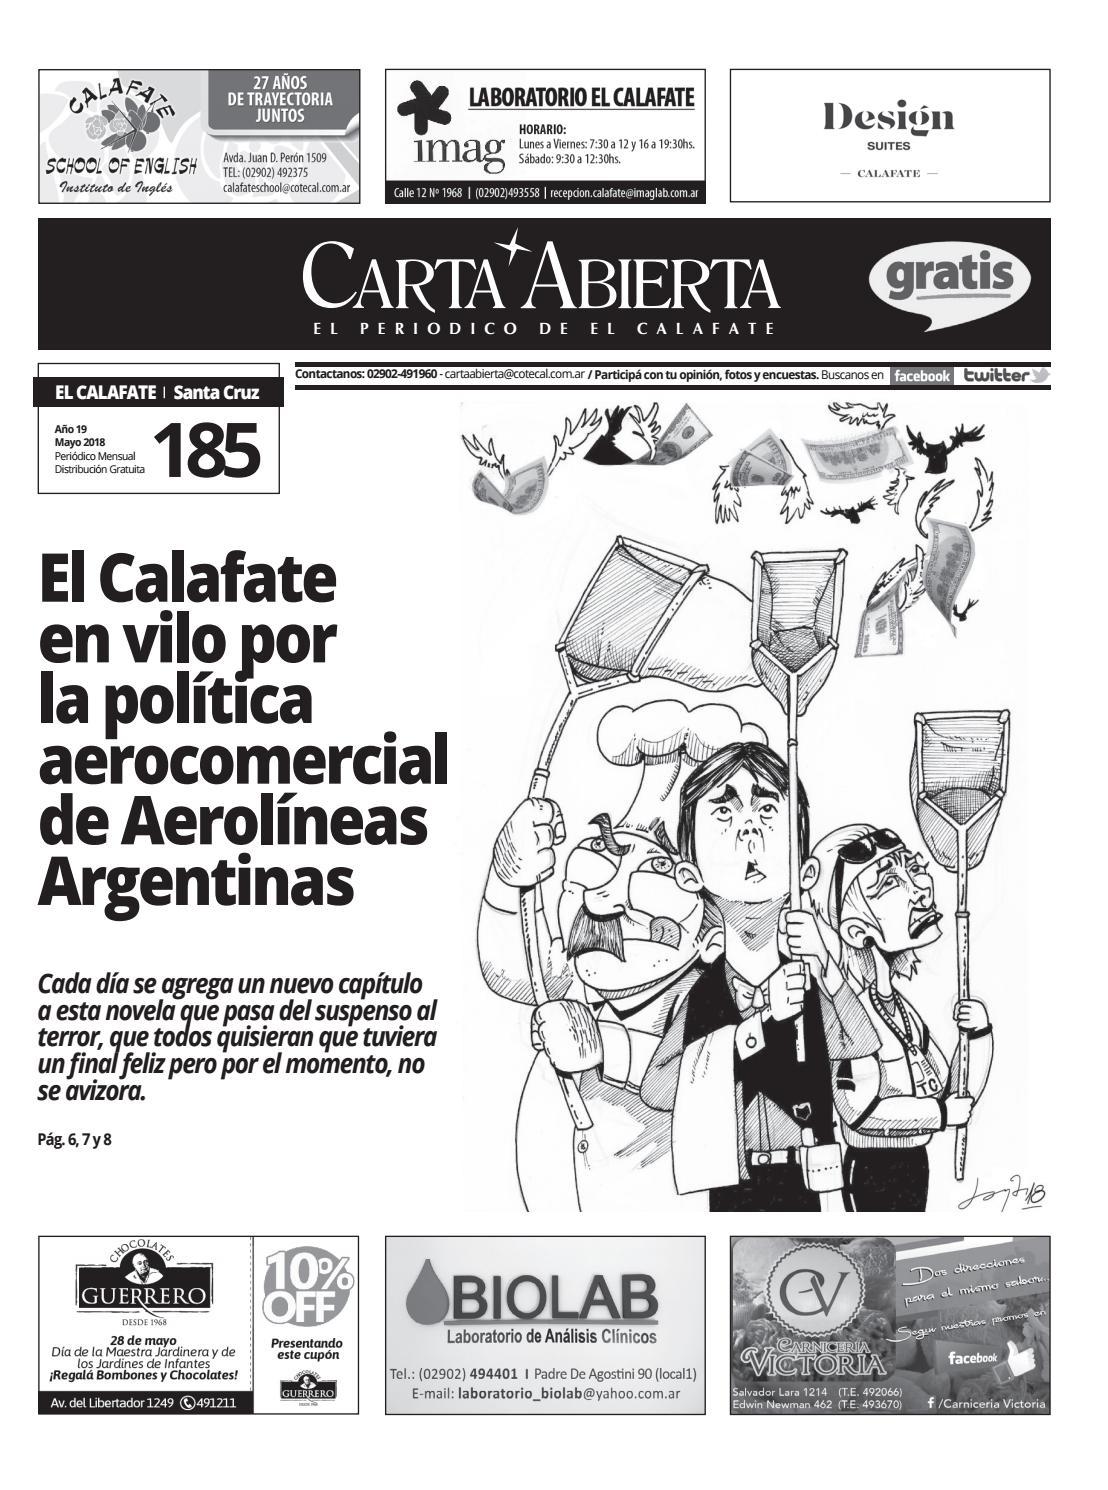 Carta Abierta, El Periódico de El Calafate, Edición de mayo de 2018 ...